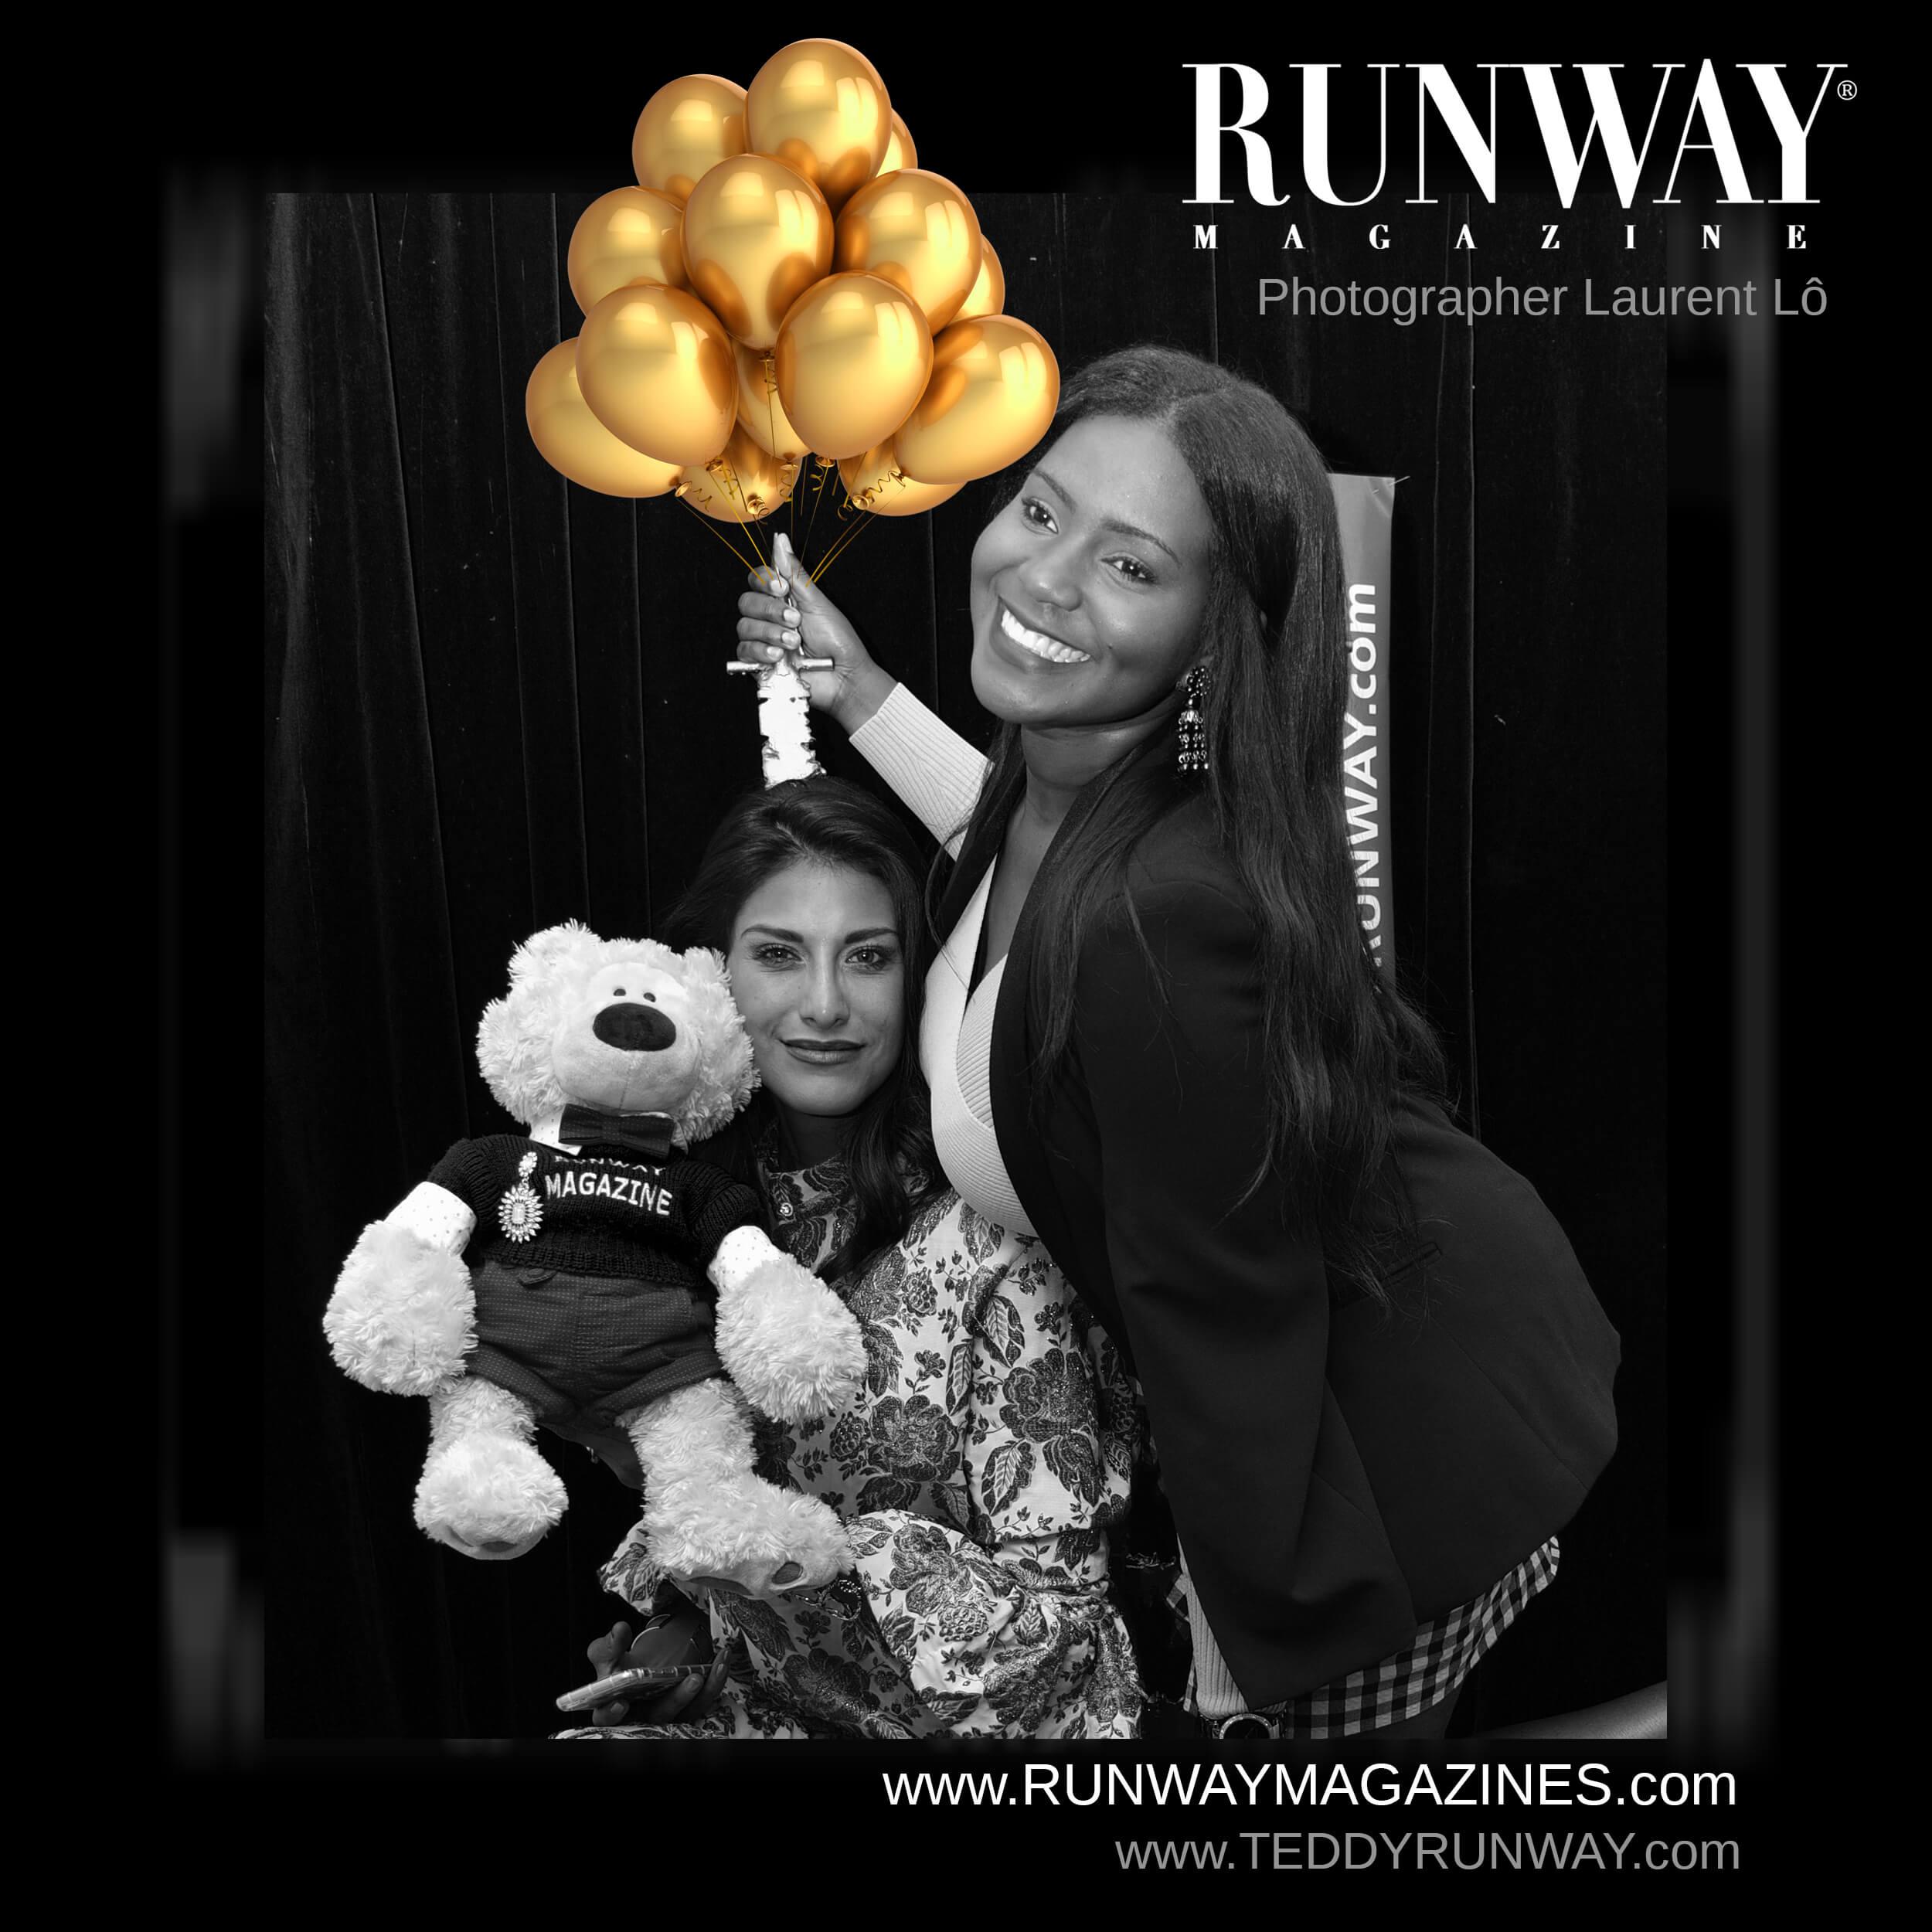 Teddy Runway Журнал Официальная вечеринка